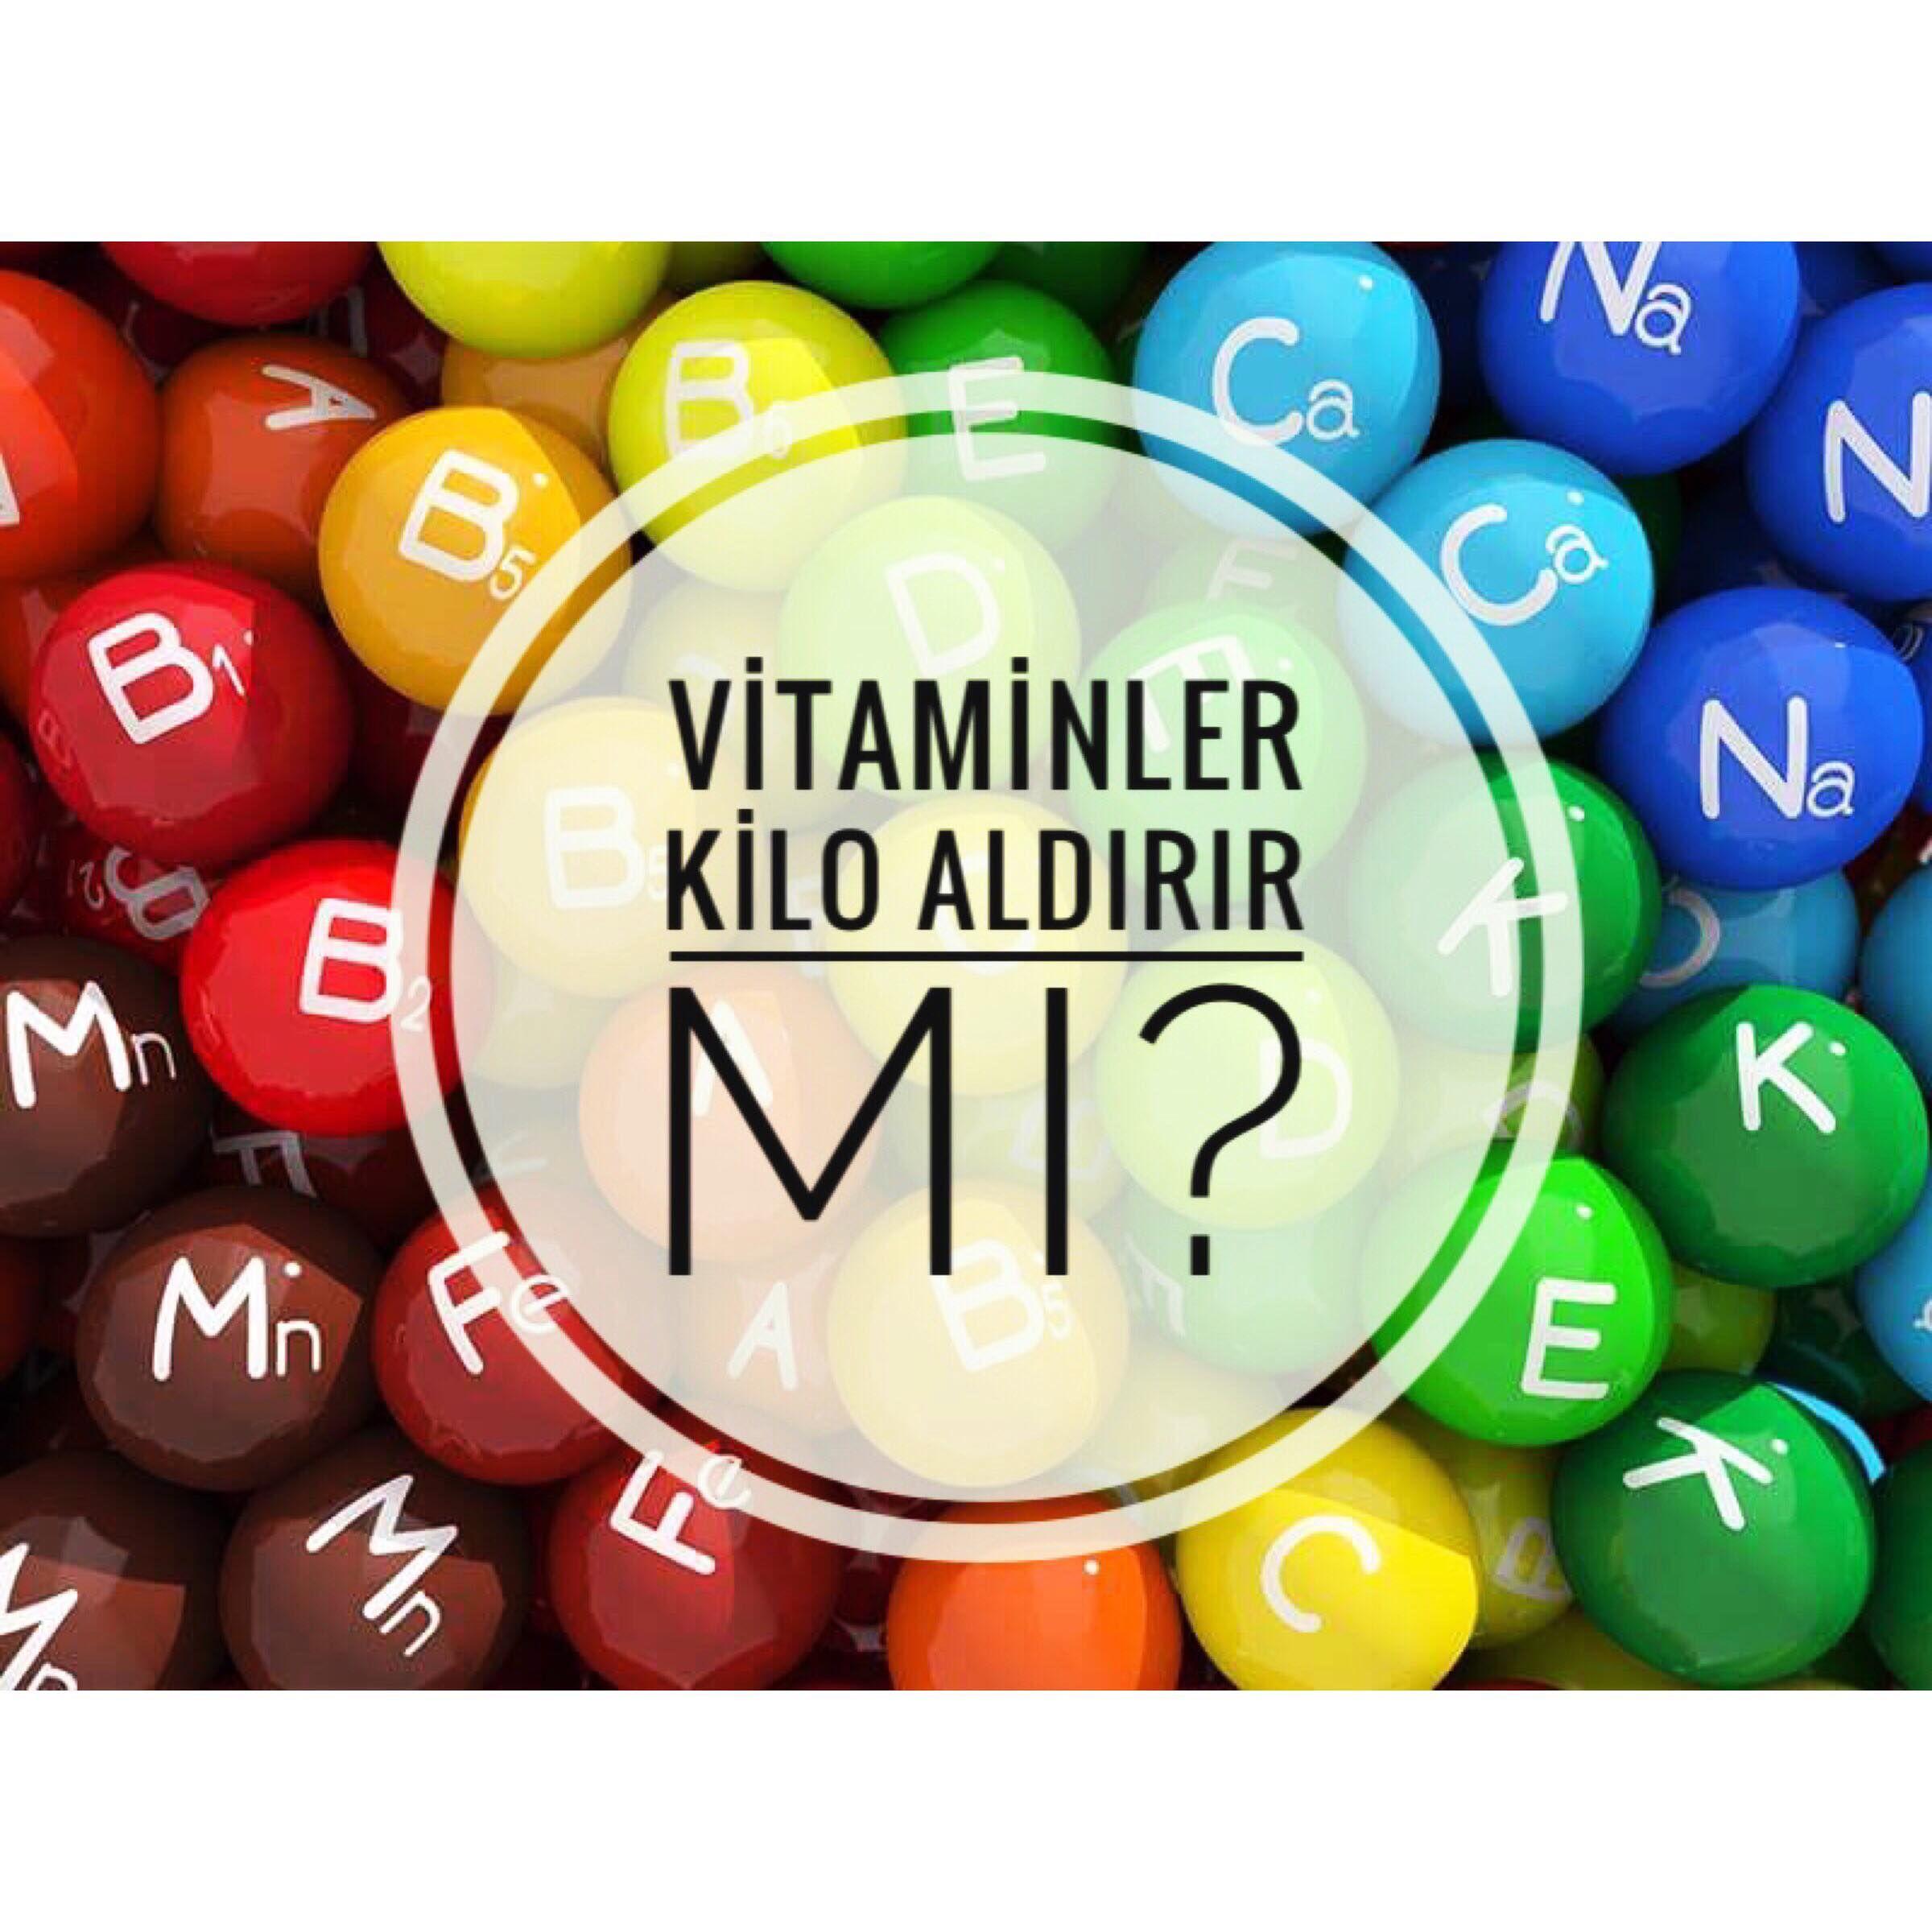 Vitamin takviyesi kilo aldırır mı?